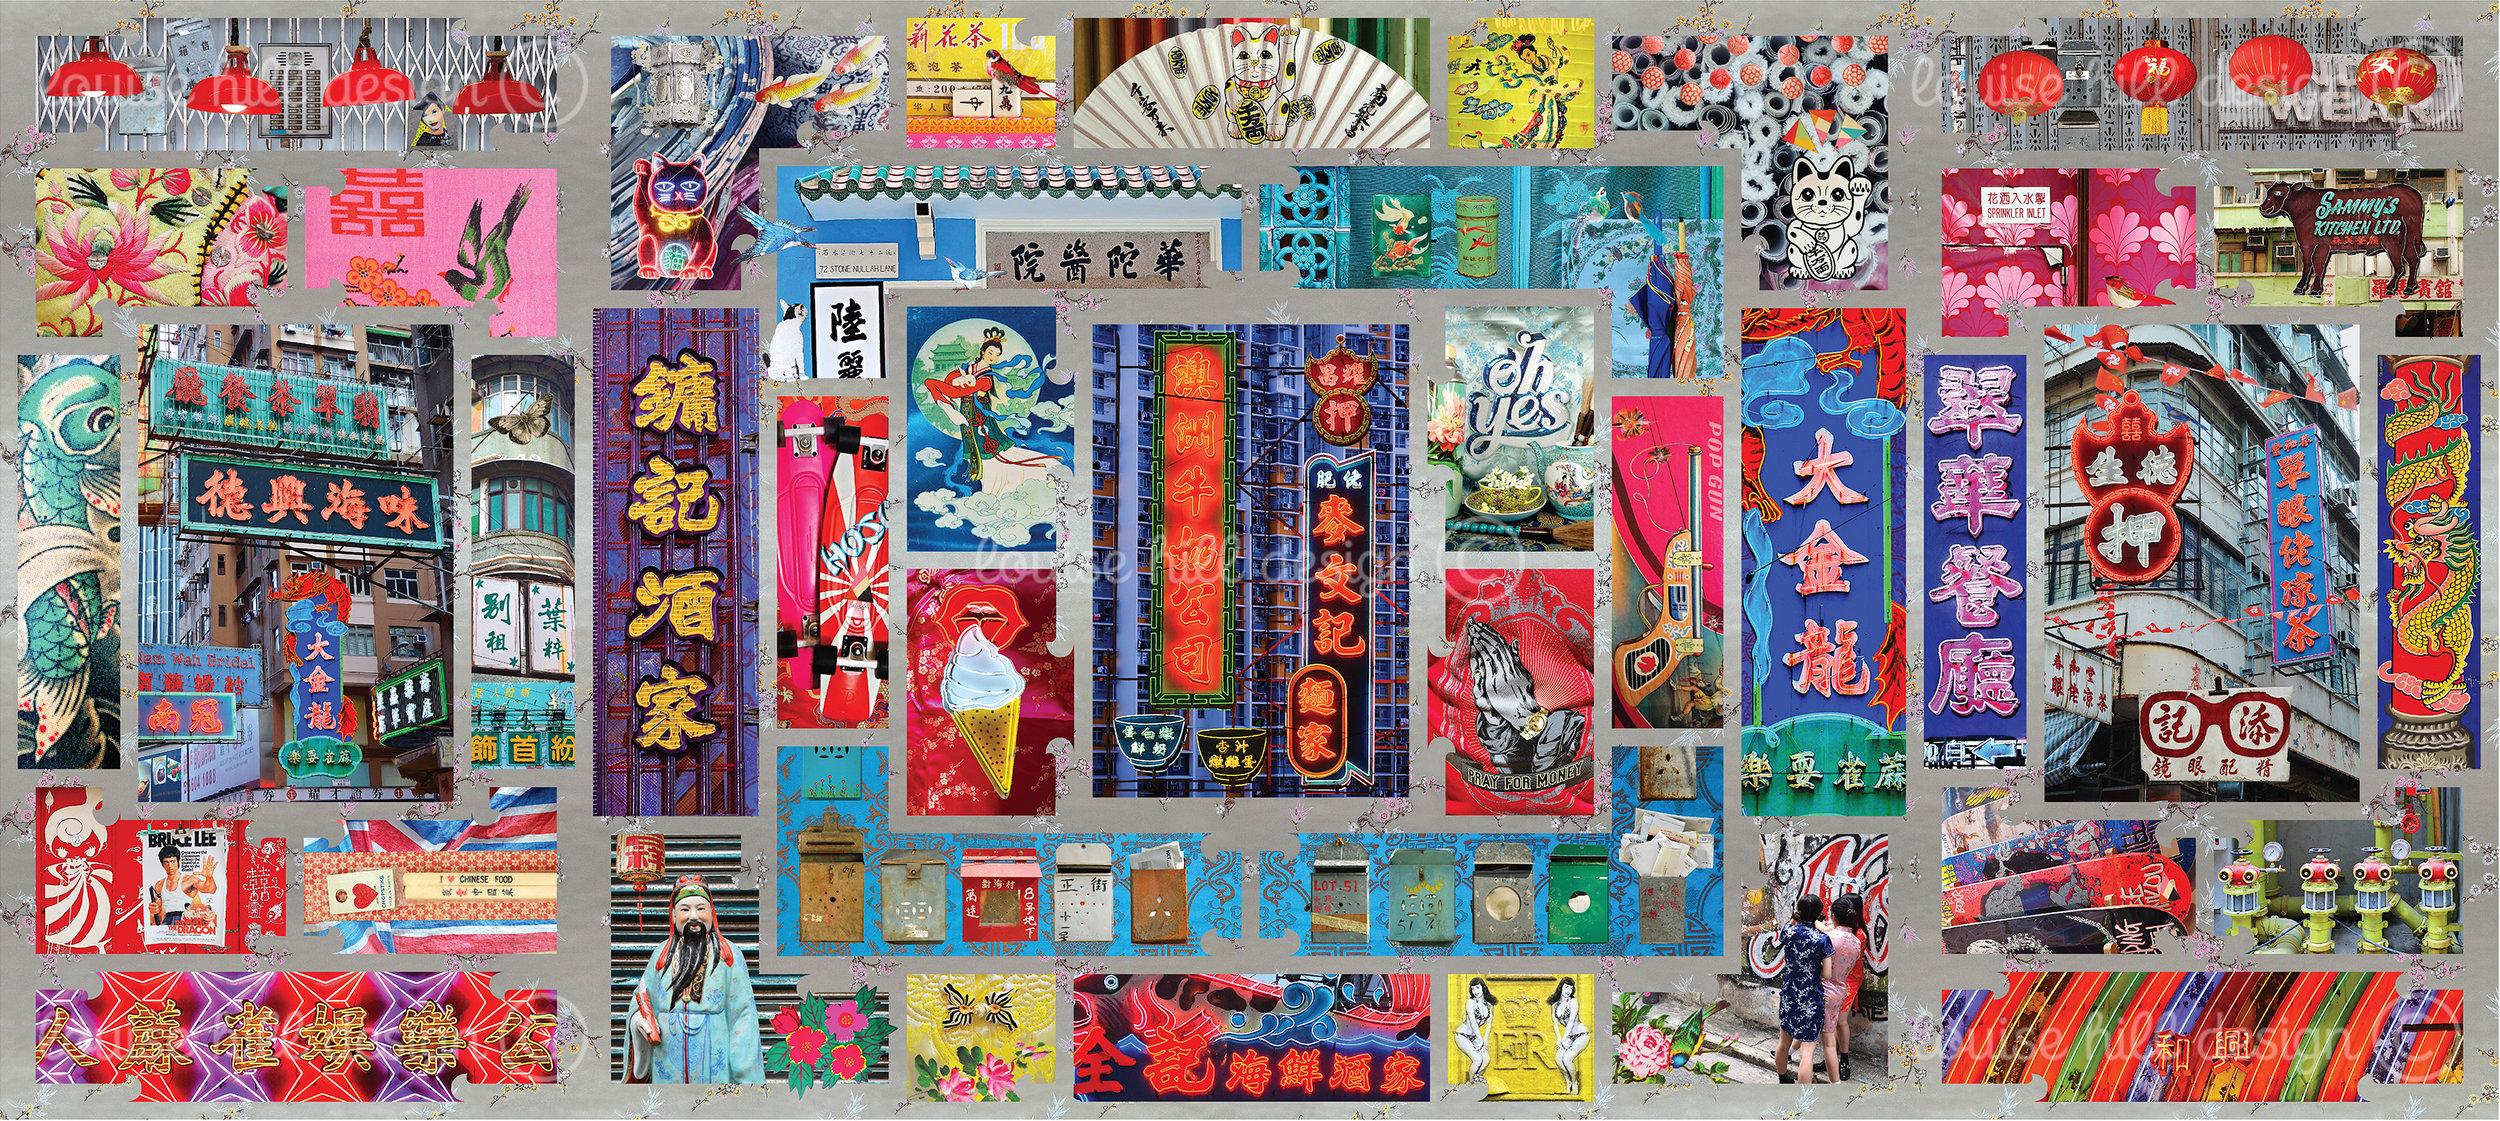 HONG KONG NEON.WEBSITE.WATERMARKED copy 5.jpg